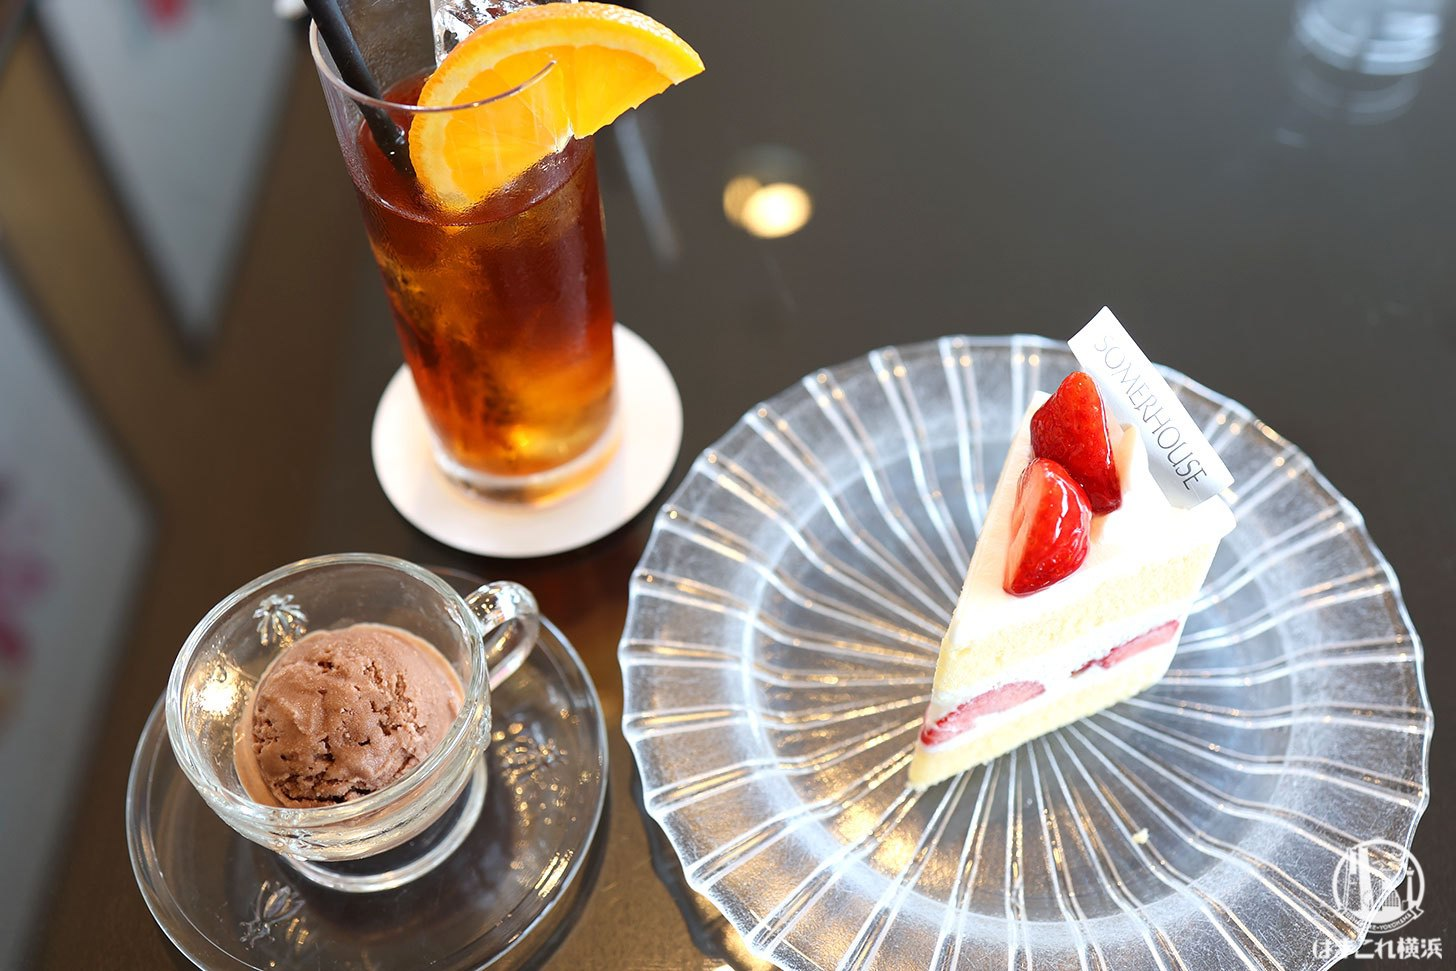 横浜ベイホテル東急のラウンジカフェ「ソマーハウス」のケーキセットに大満足!大観覧車も目の前